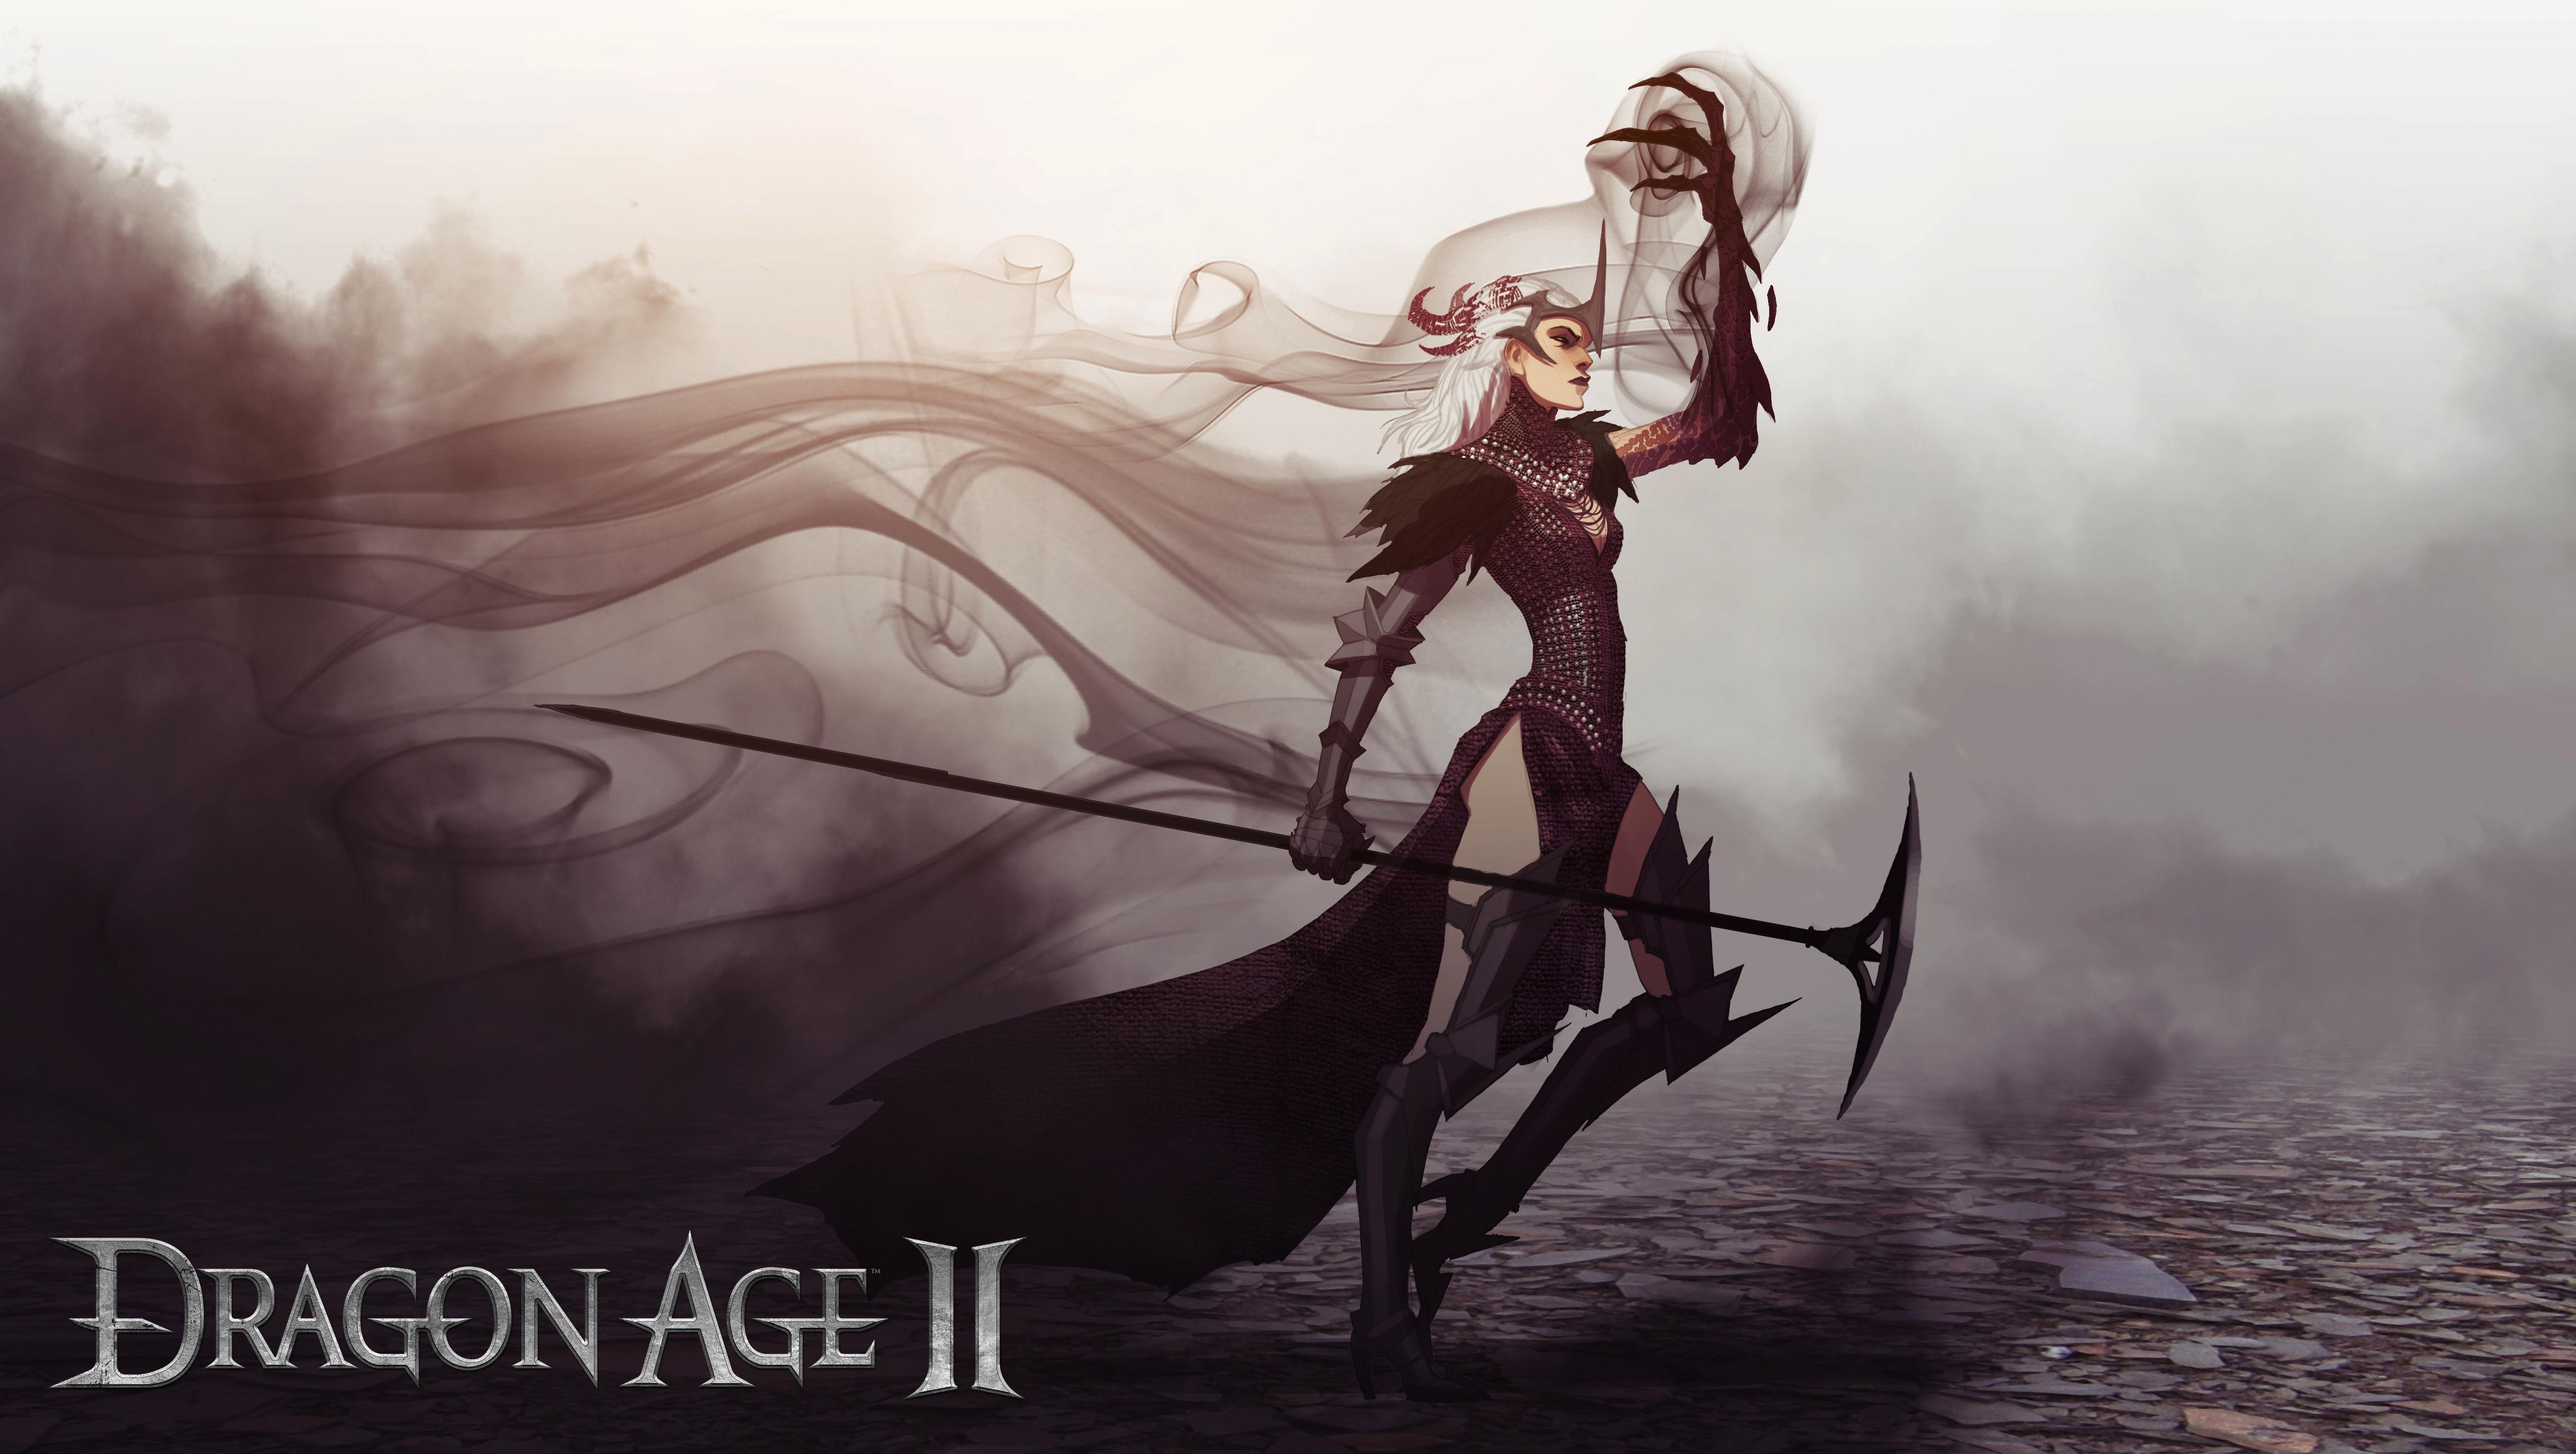 En Dragon Age II, existen diferentes atributos. ¿Cuándo alcanzan el máximo beneficio posible?